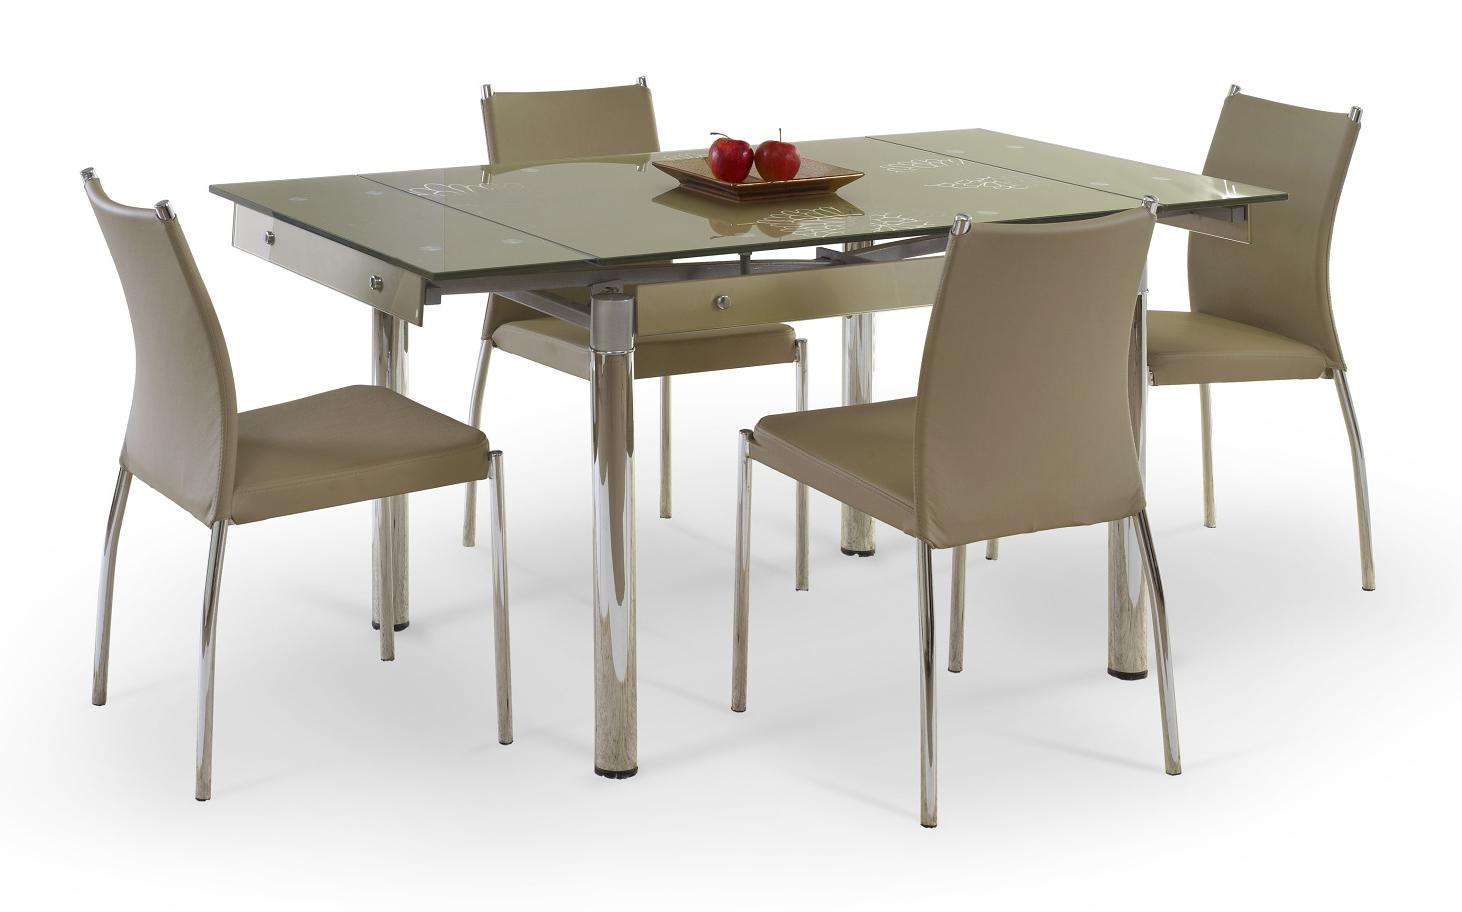 Jedálenský stôl - Halmar - Elton (pre 4 až 6 osôb). Sme autorizovaný predajca Halmar. Vlastná spoľahlivá doprava až k Vám domov.